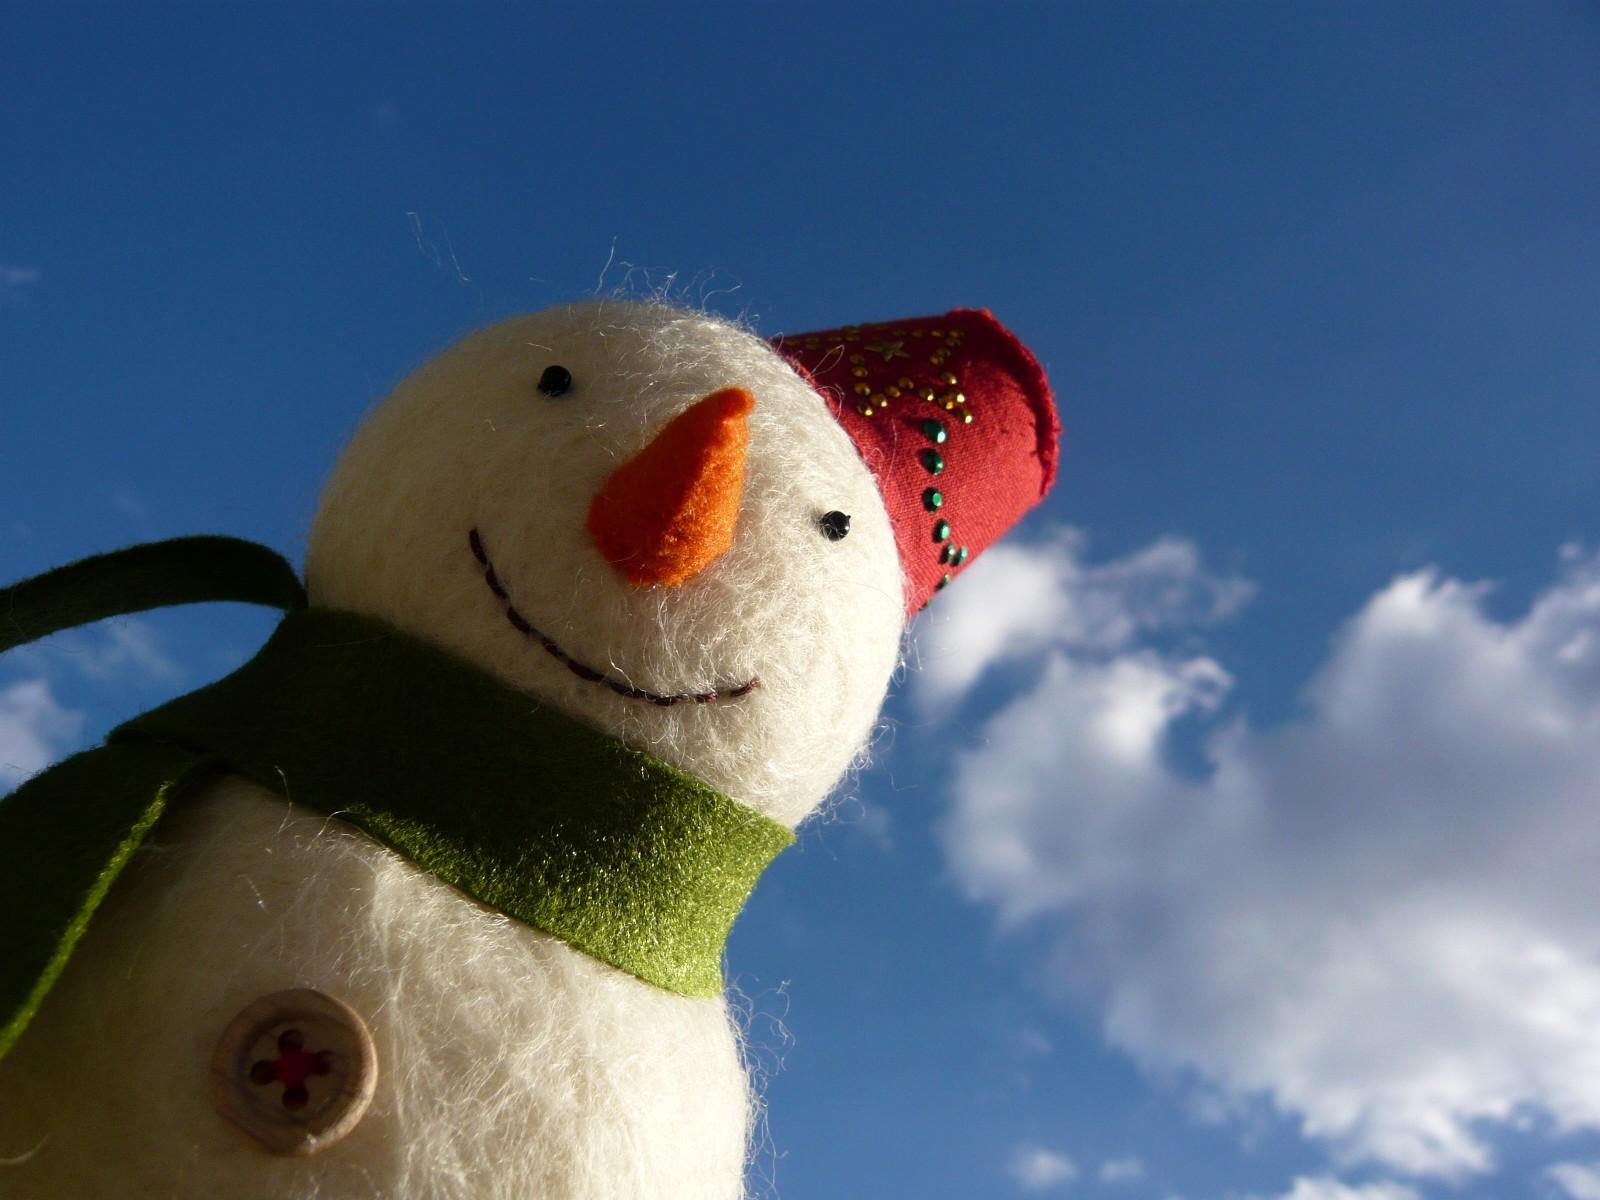 Картинки прикольных снеговиков, открытки днем